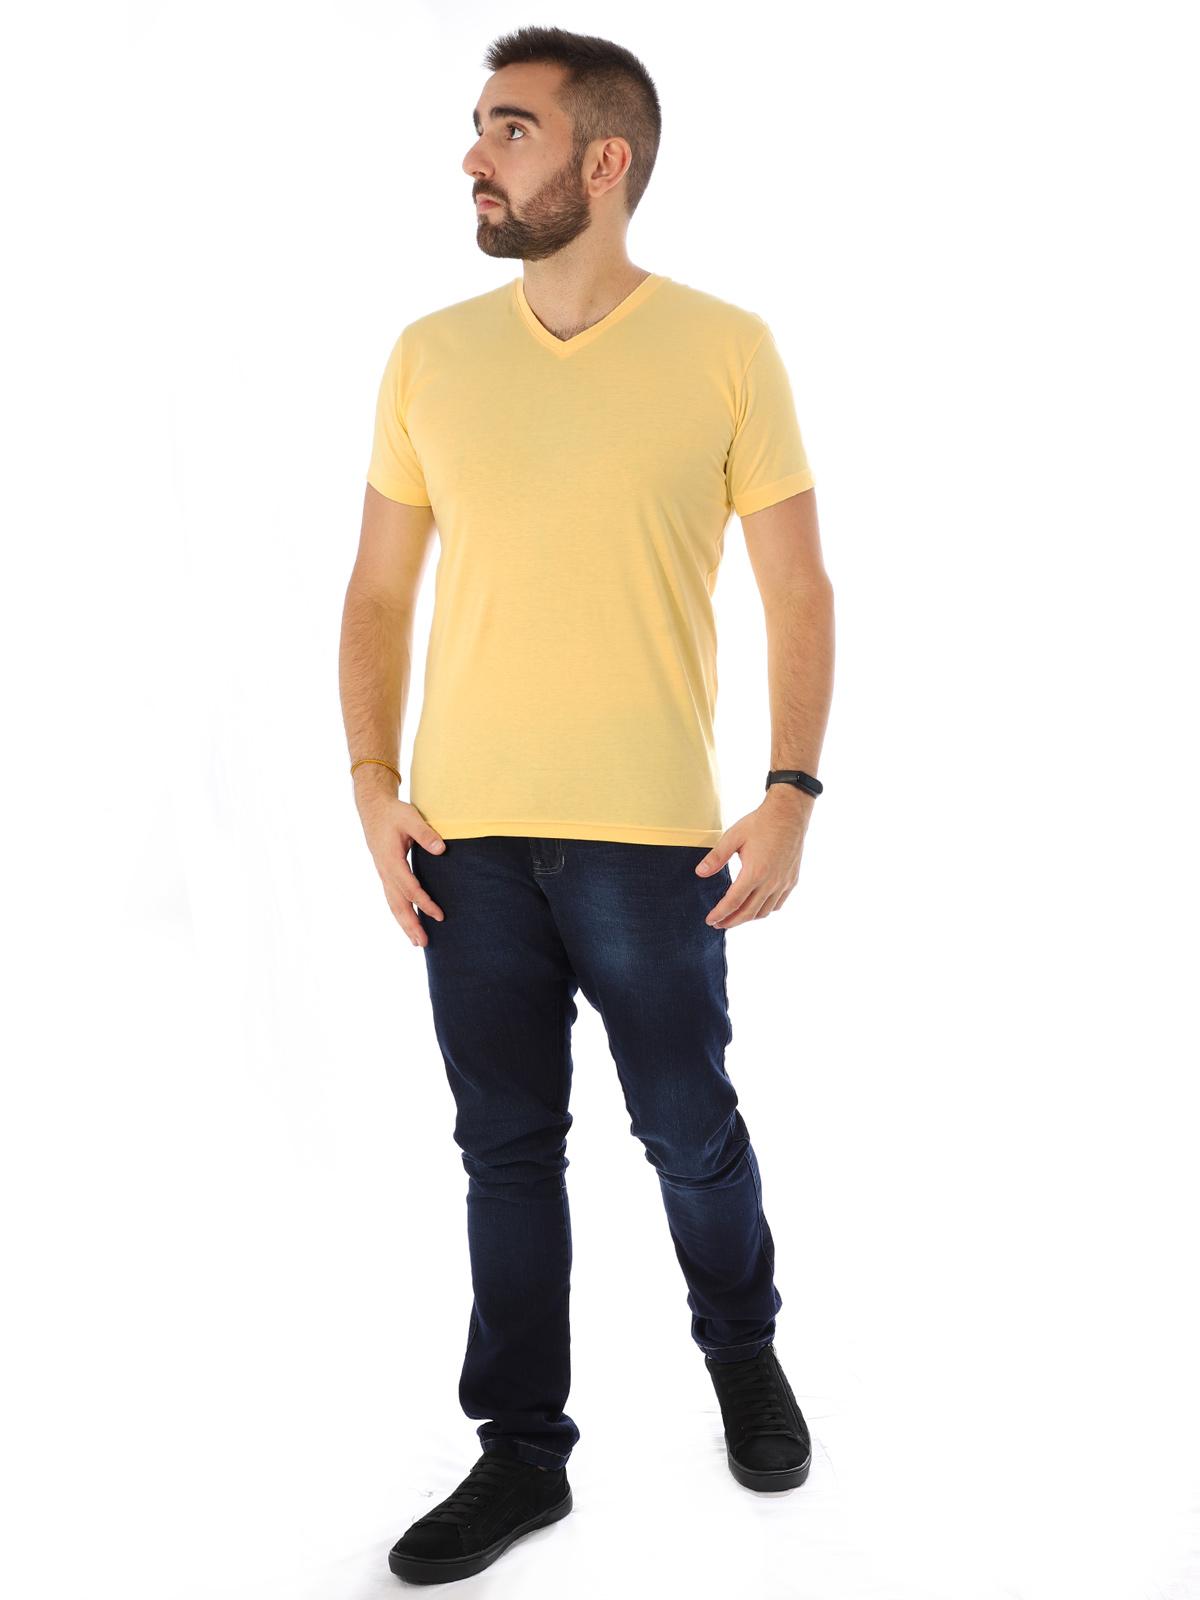 Camiseta Masculina Decote V. Algodão Slim Fit Lisa Amarela